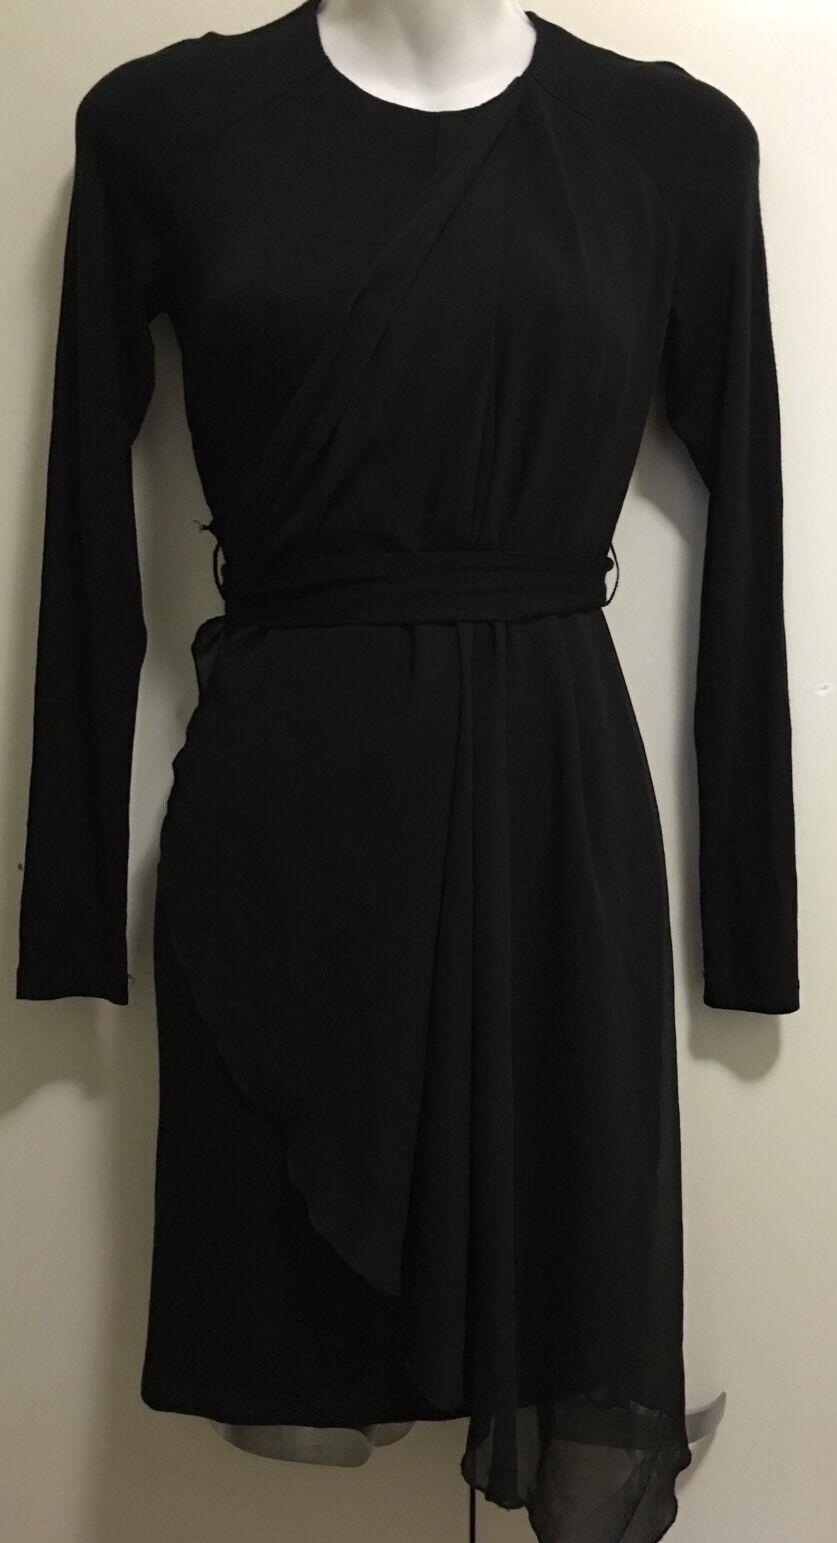 Bebe Asymmetric Draped Dress Size XS